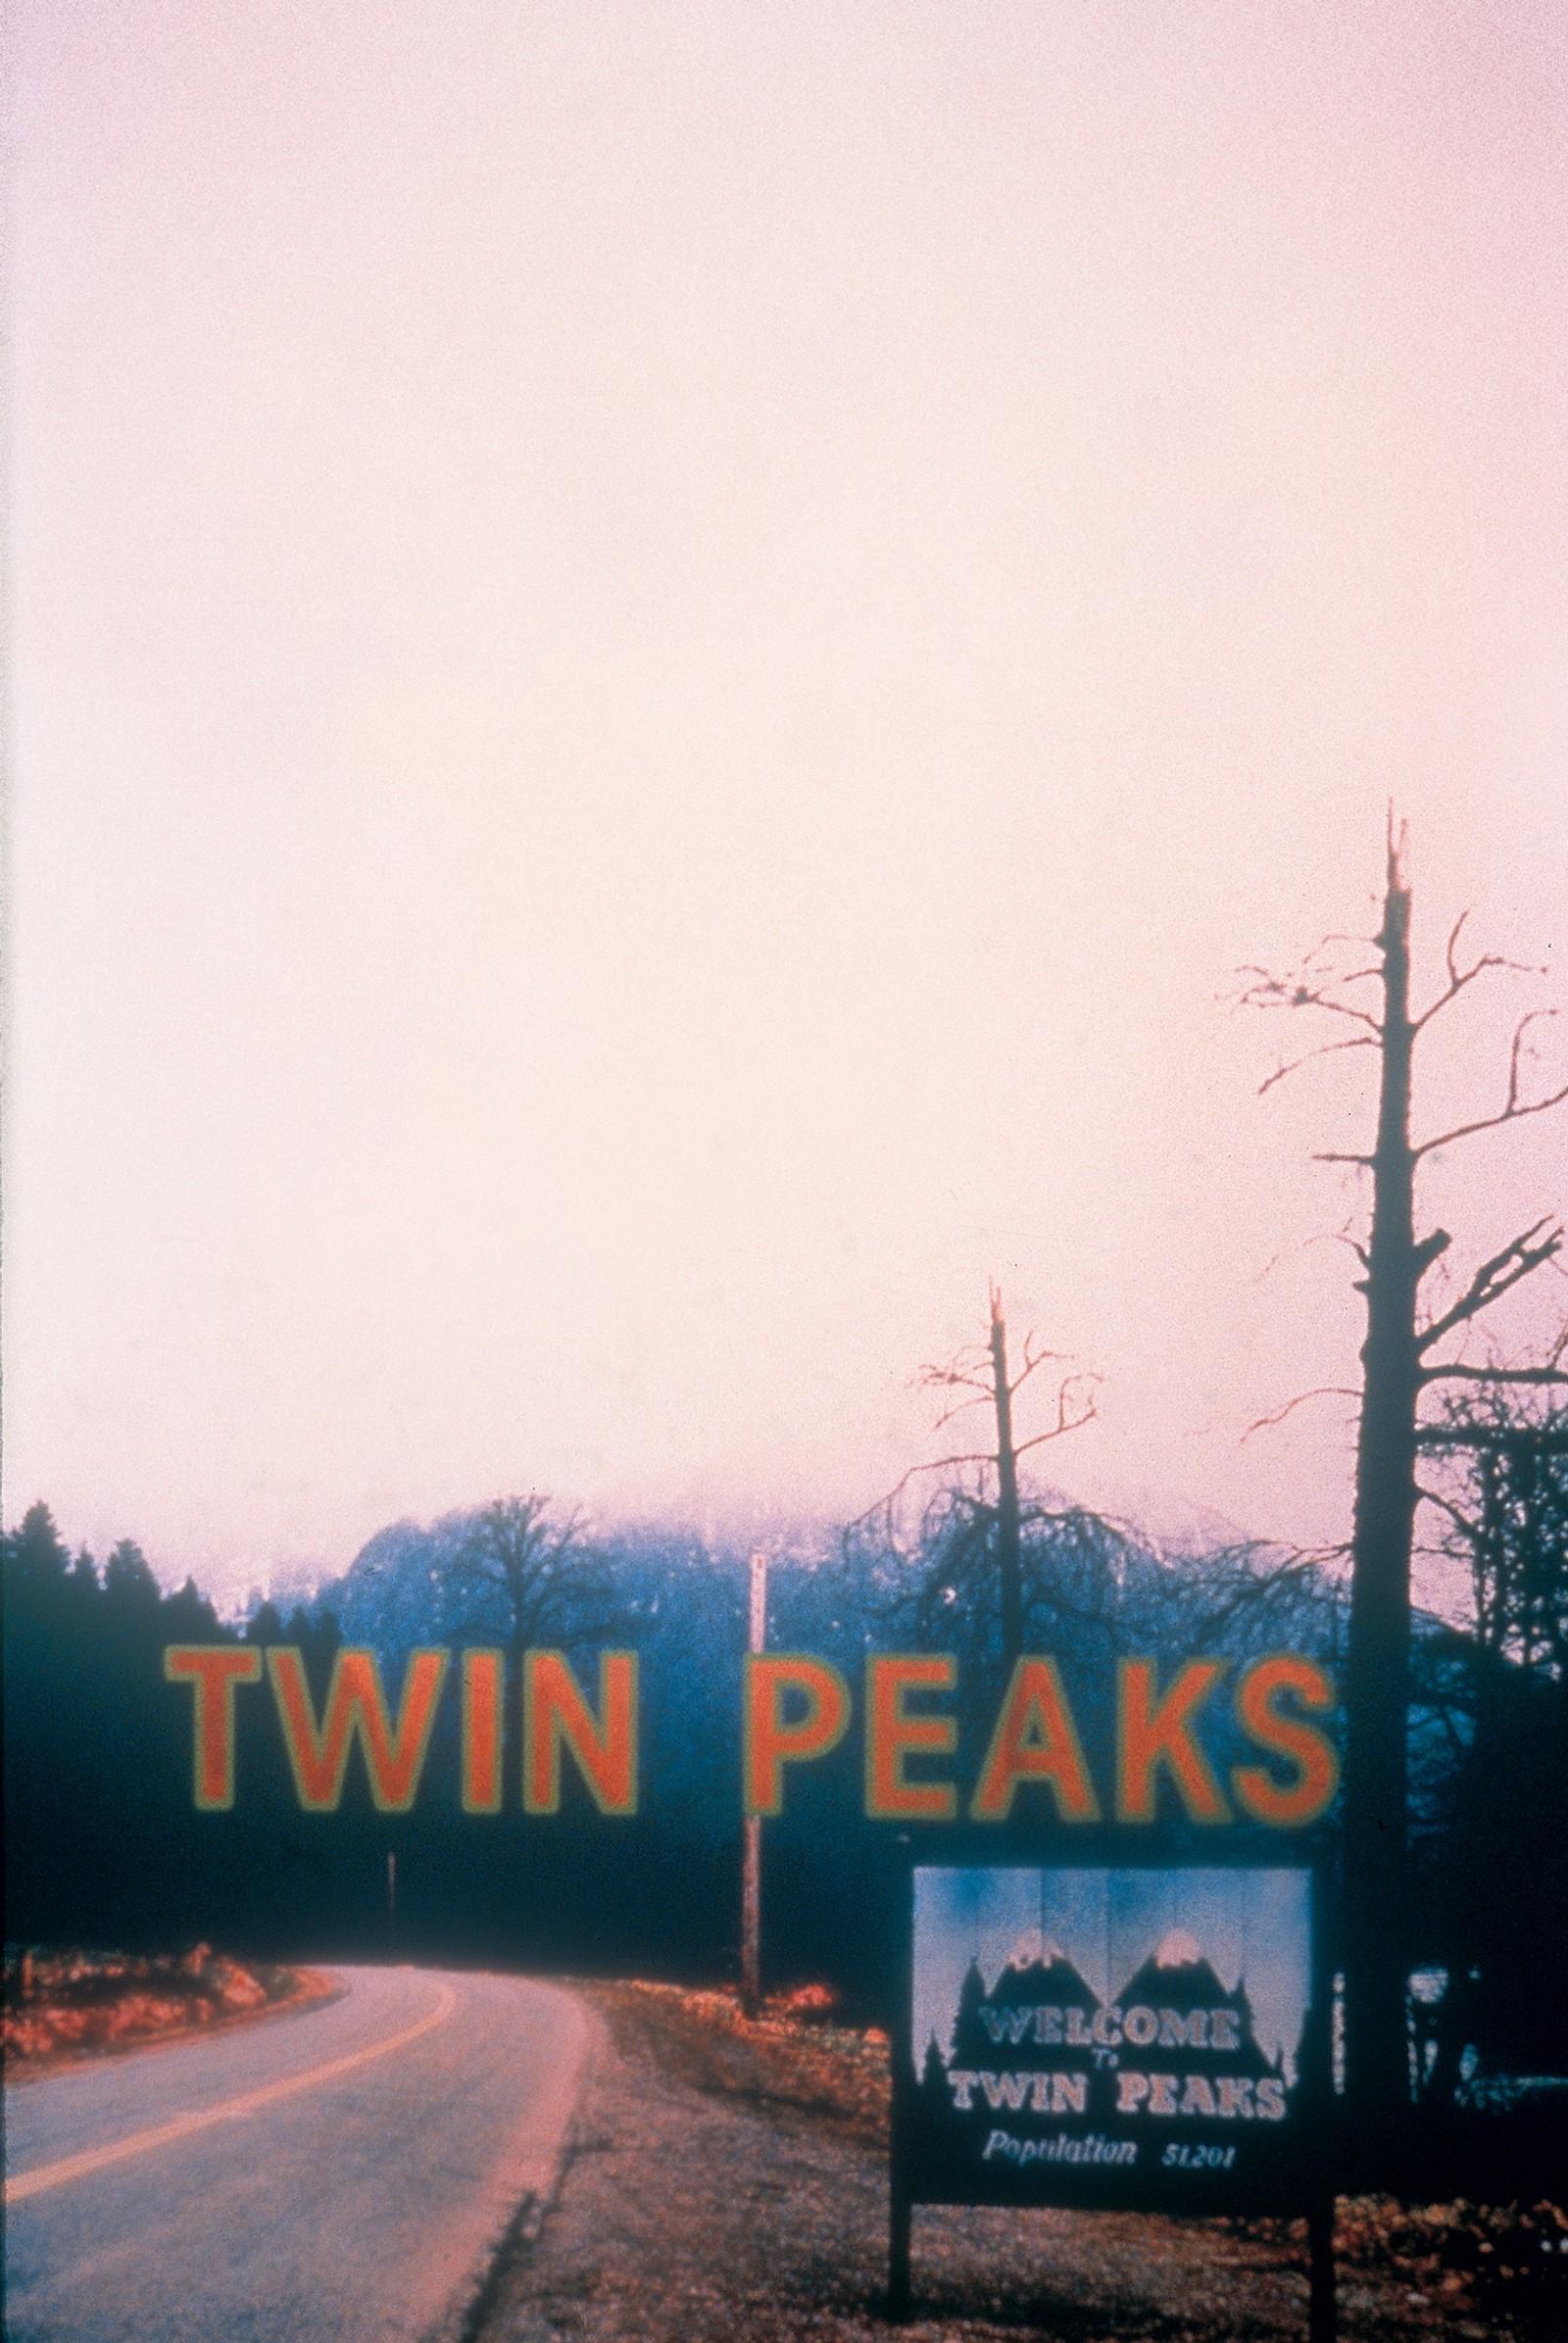 På vei inn til Twin Peaks